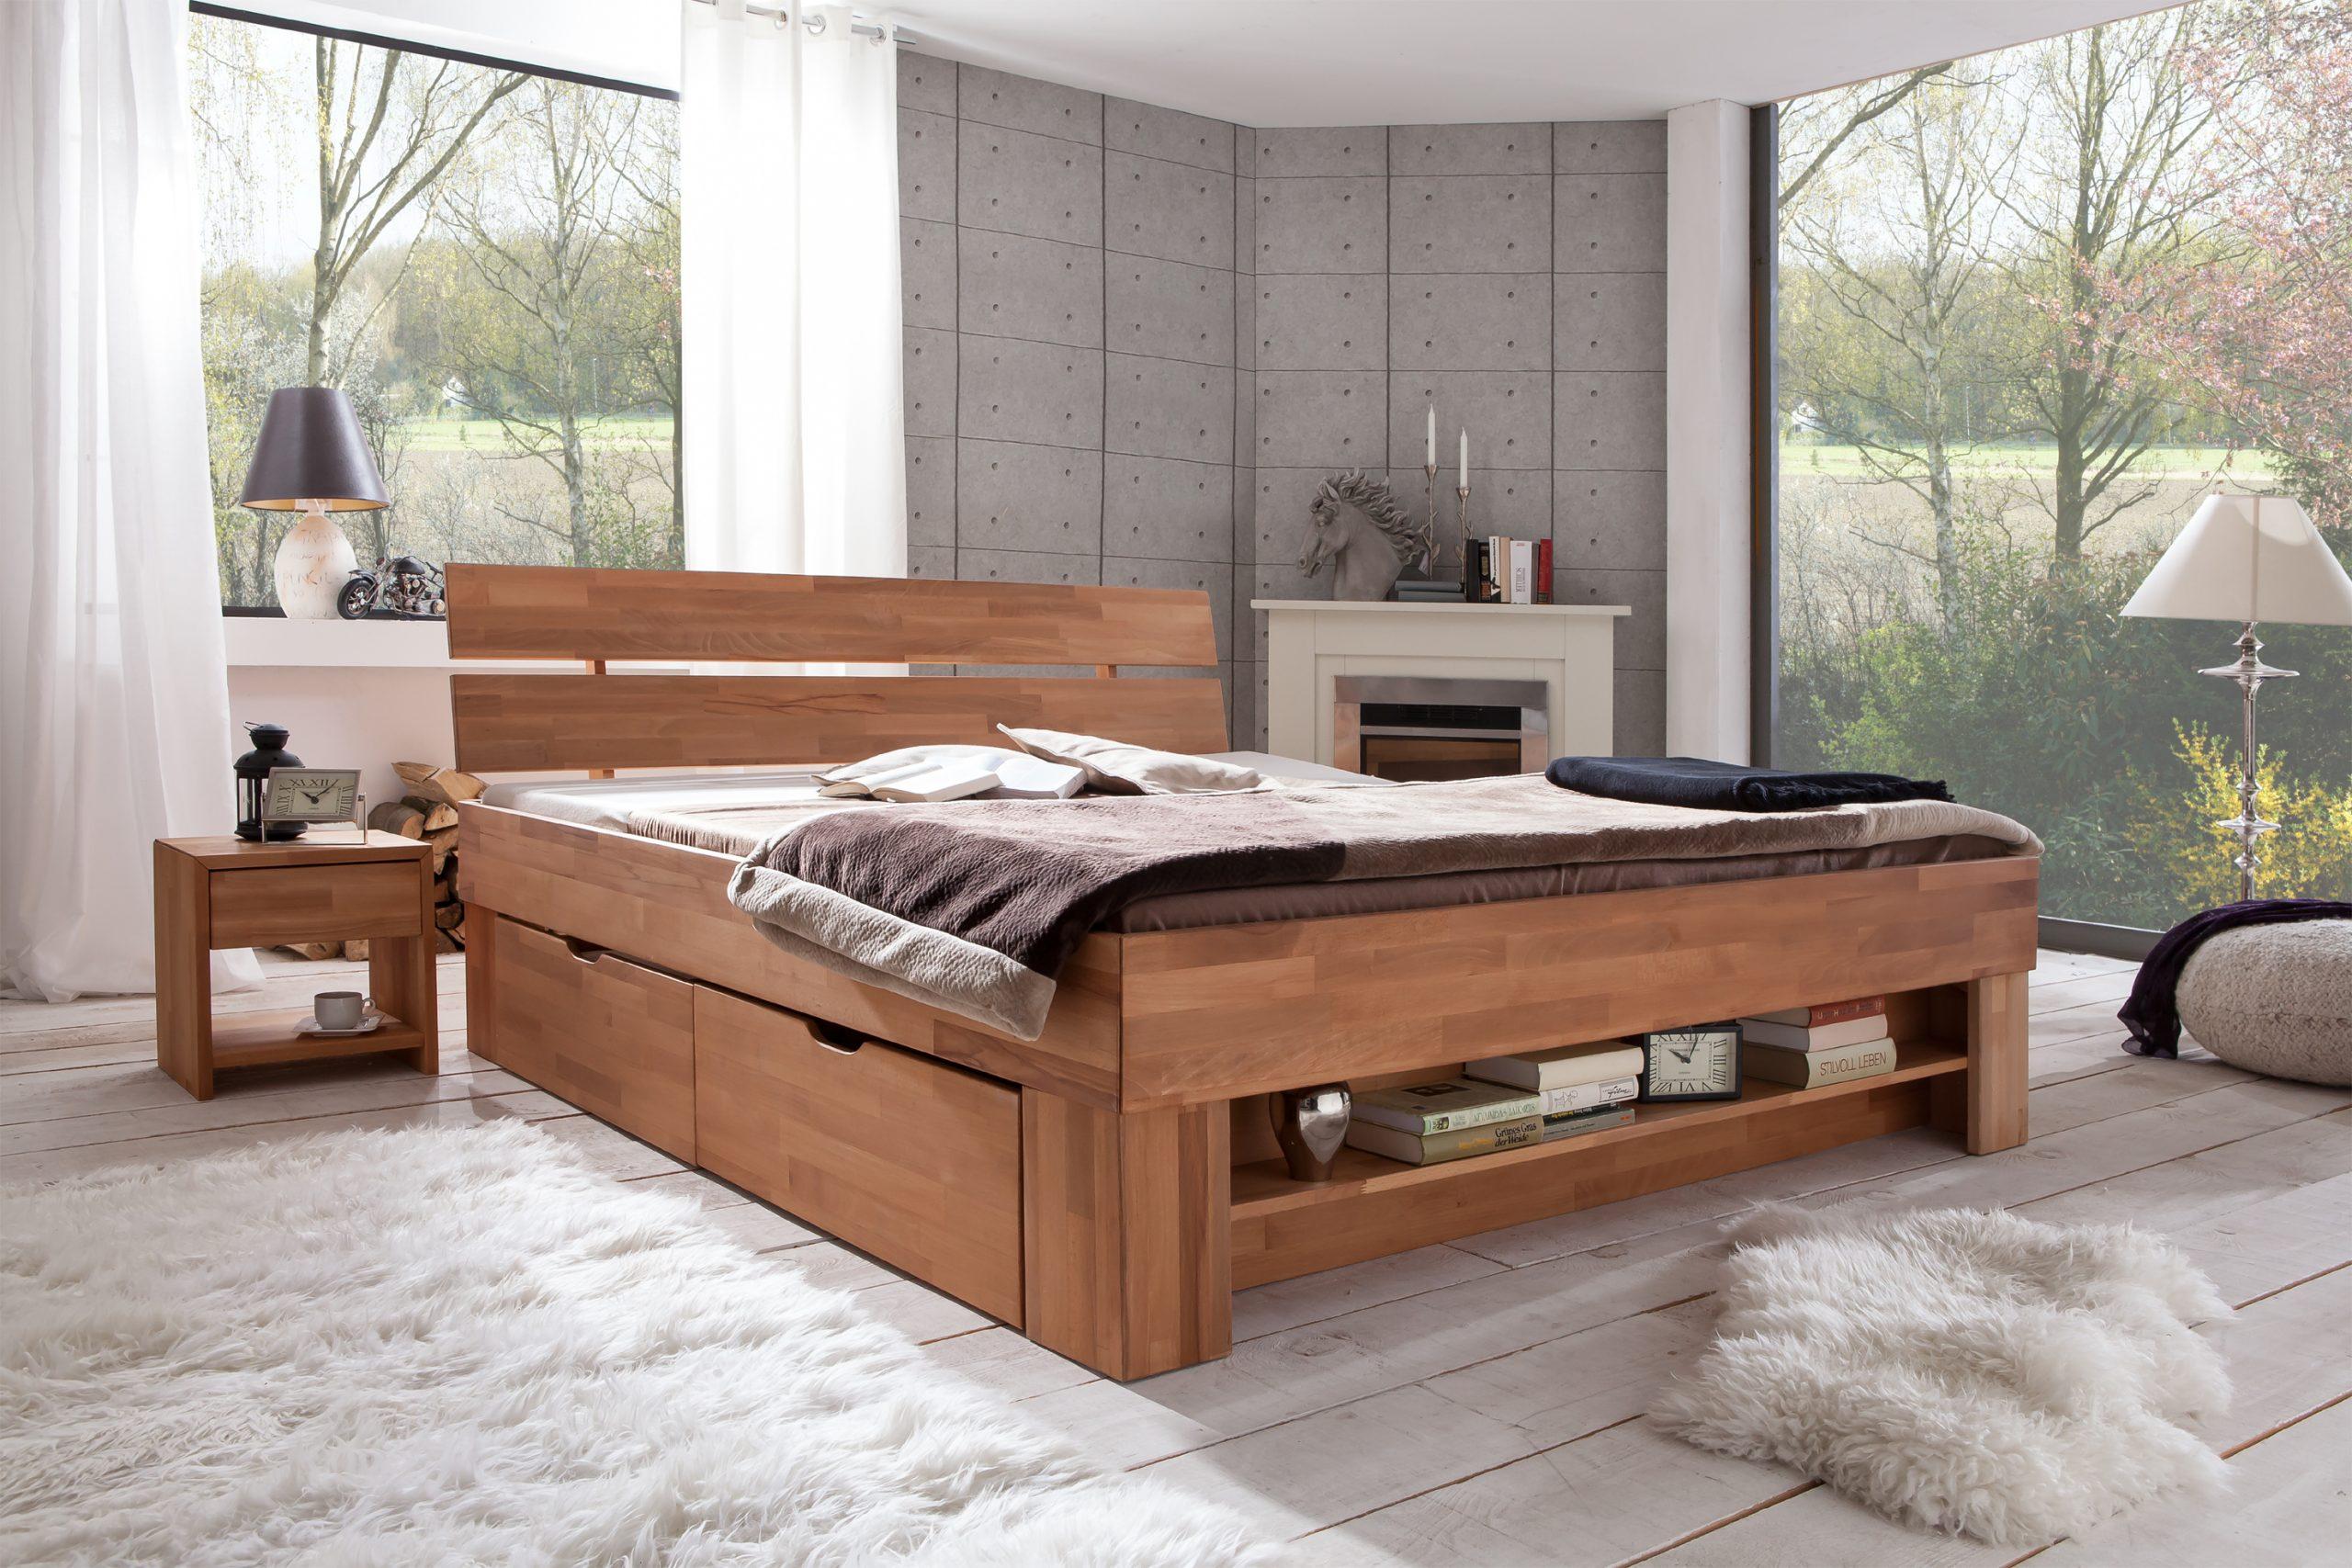 Full Size of Betten Massivholz Hamburg Team 7 120x200 Bett 140x200 Mit Matratze Trends Hülsta überlänge Massiv Paradies Schramm Jabo Ruf Preise Günstige Mannheim Bett Betten Hamburg